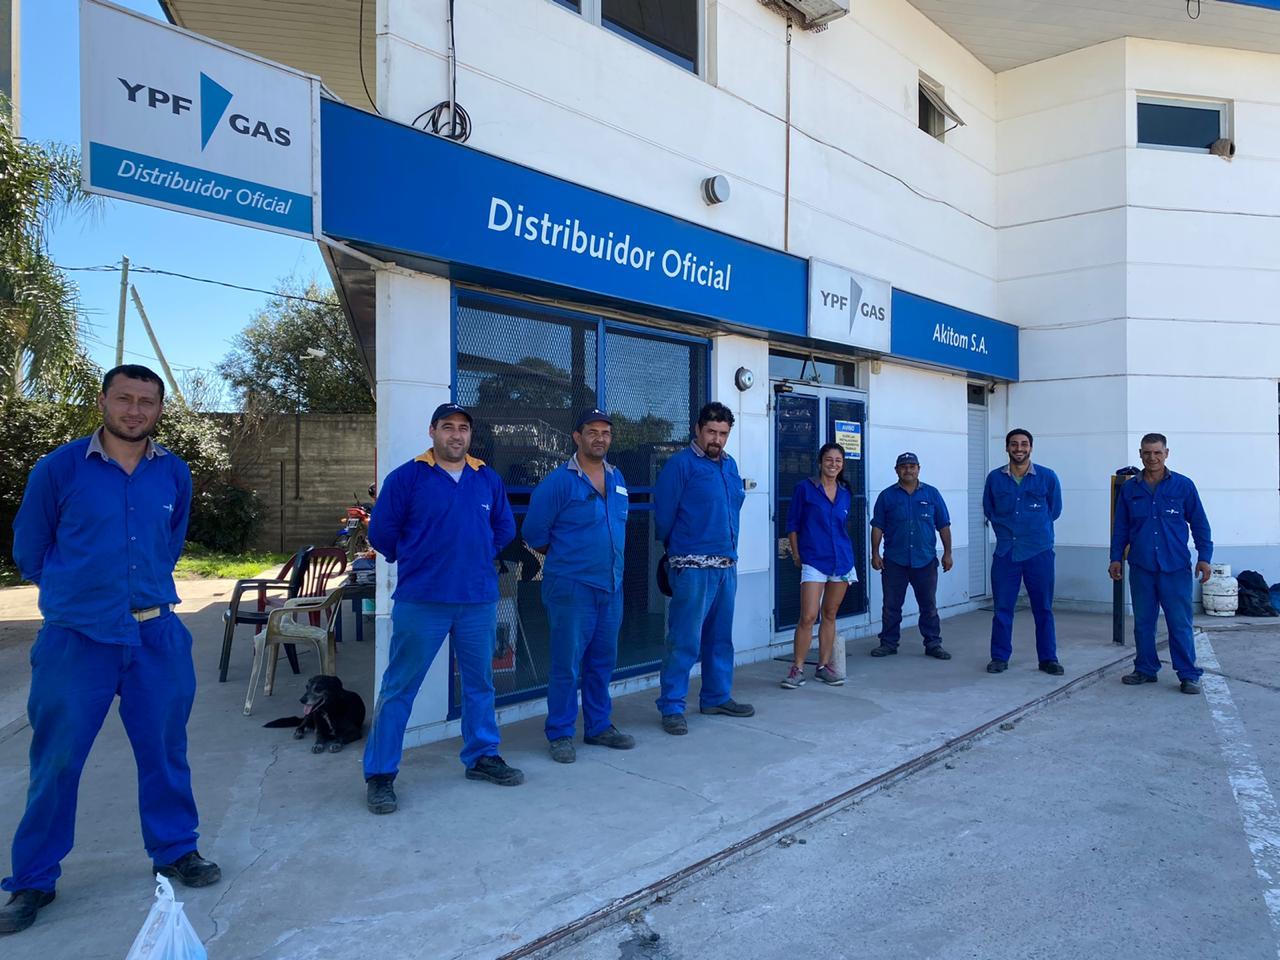 Garrafas y Cilindros, un servicio esencial para la comunidad